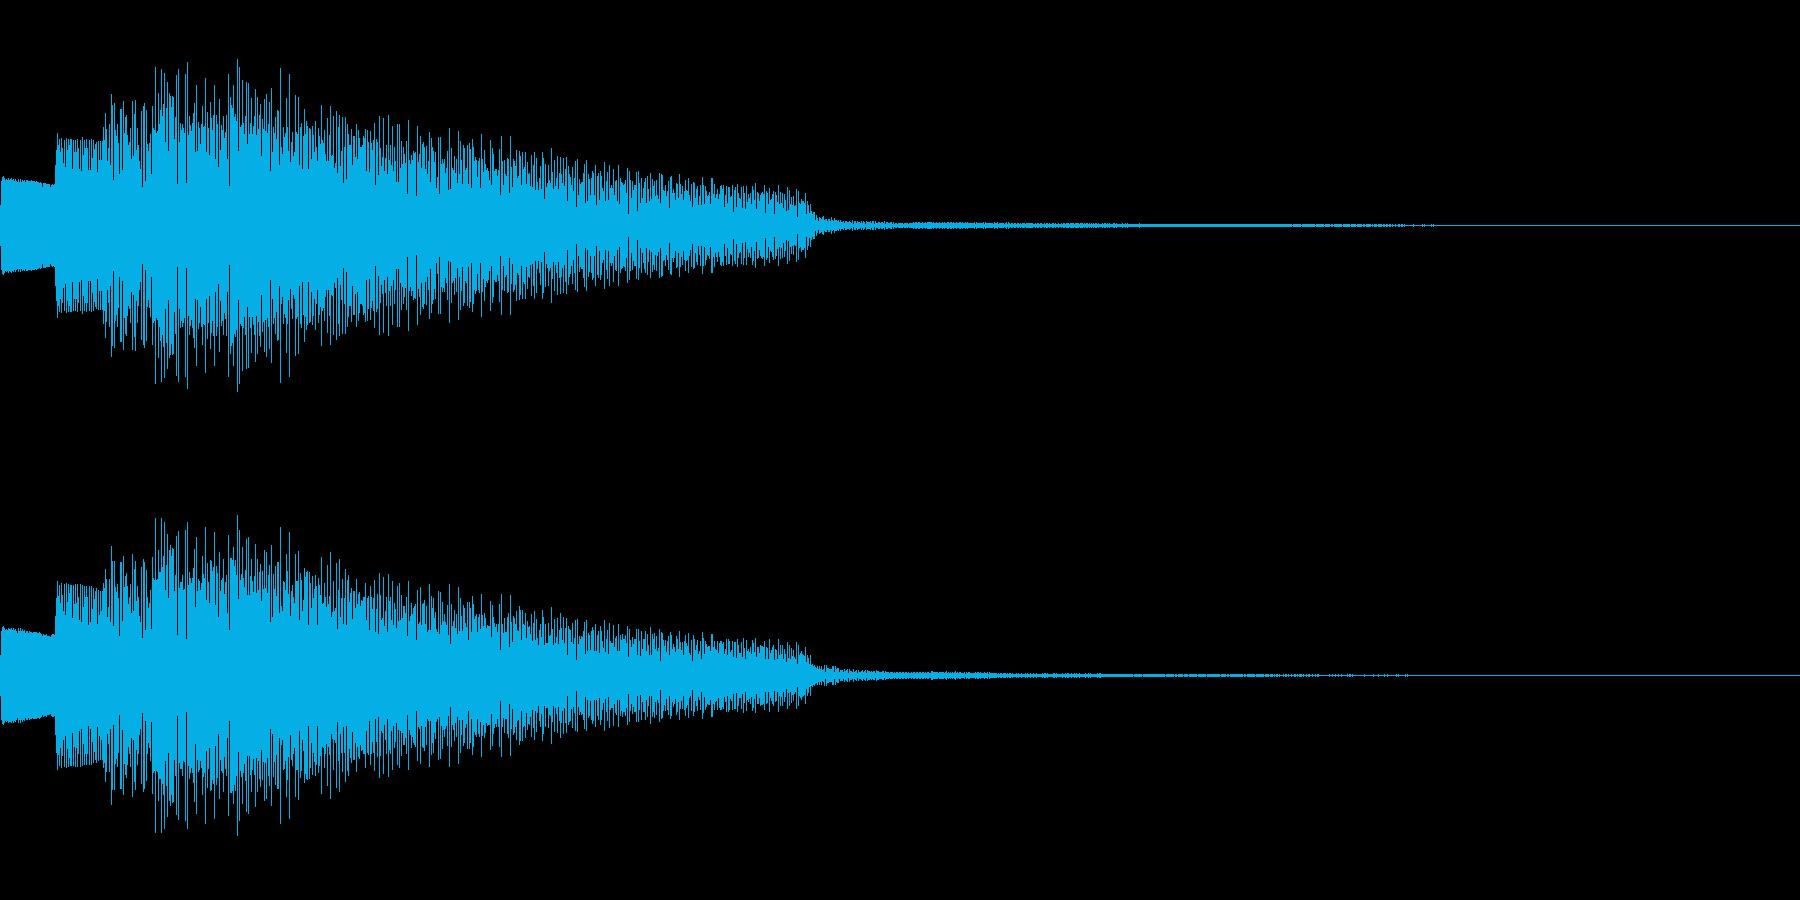 楽器 エレピ アルペジオ ボタンの再生済みの波形